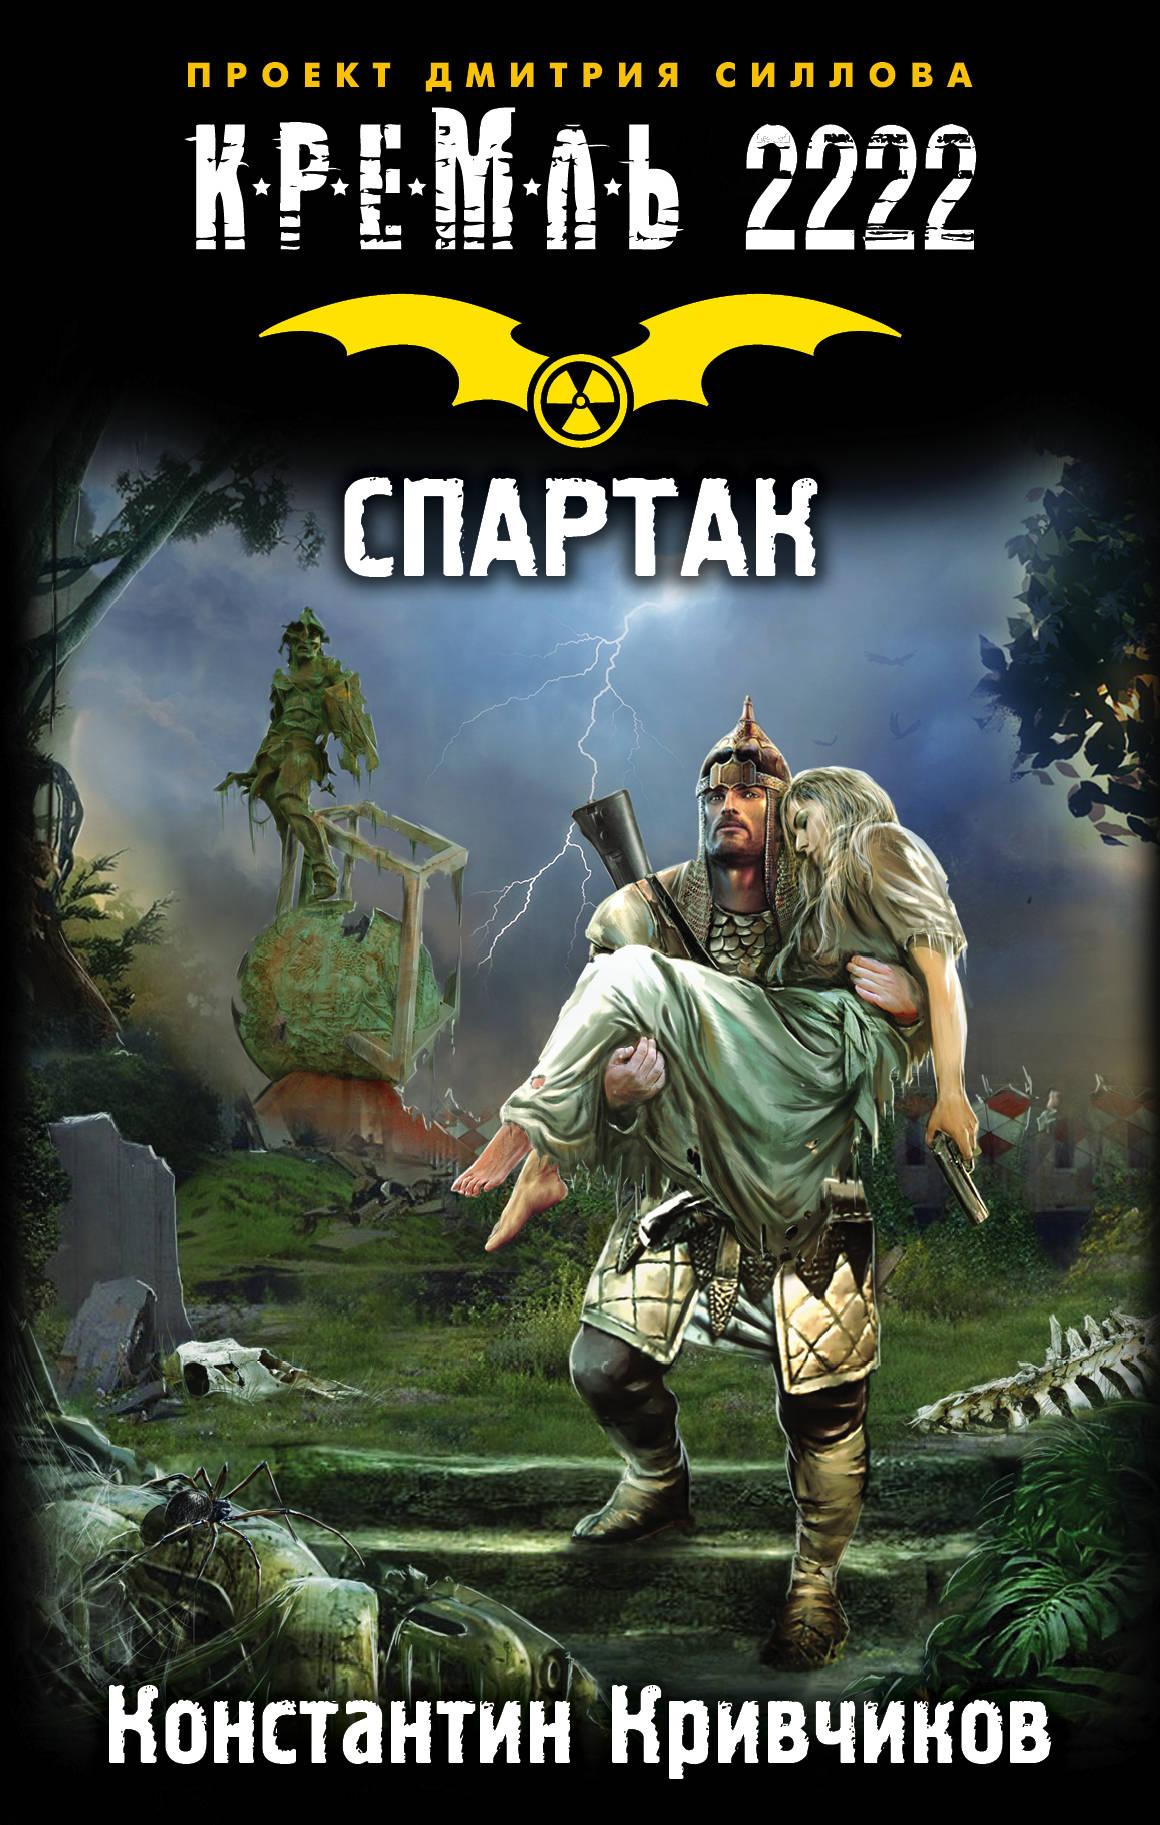 Кривчиков К.Ю. Кремль 2222. Спартак как билет на борисов арену